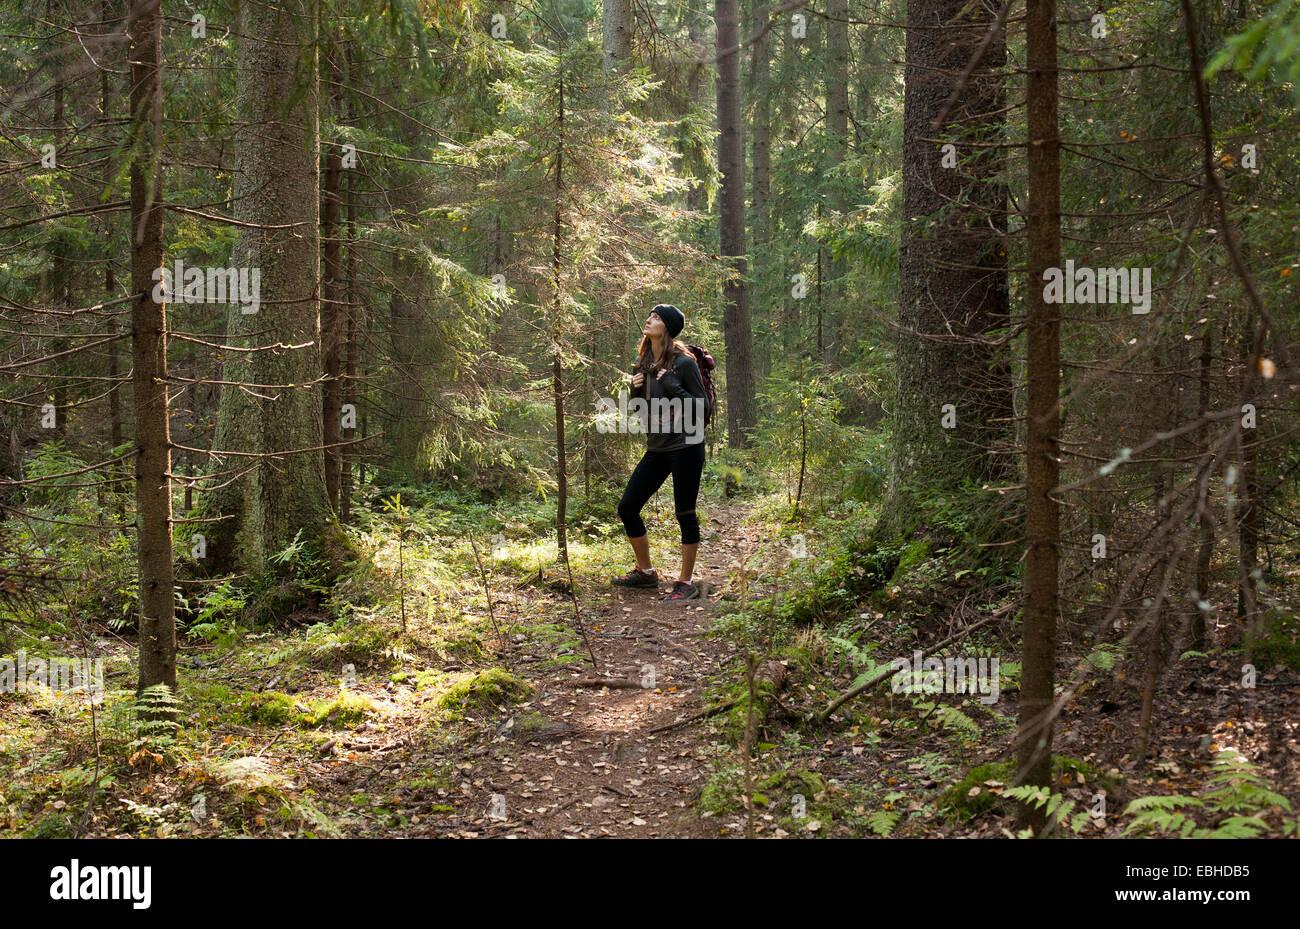 Frau Wandern durch Wald, Helsinki, Finnland Stockbild